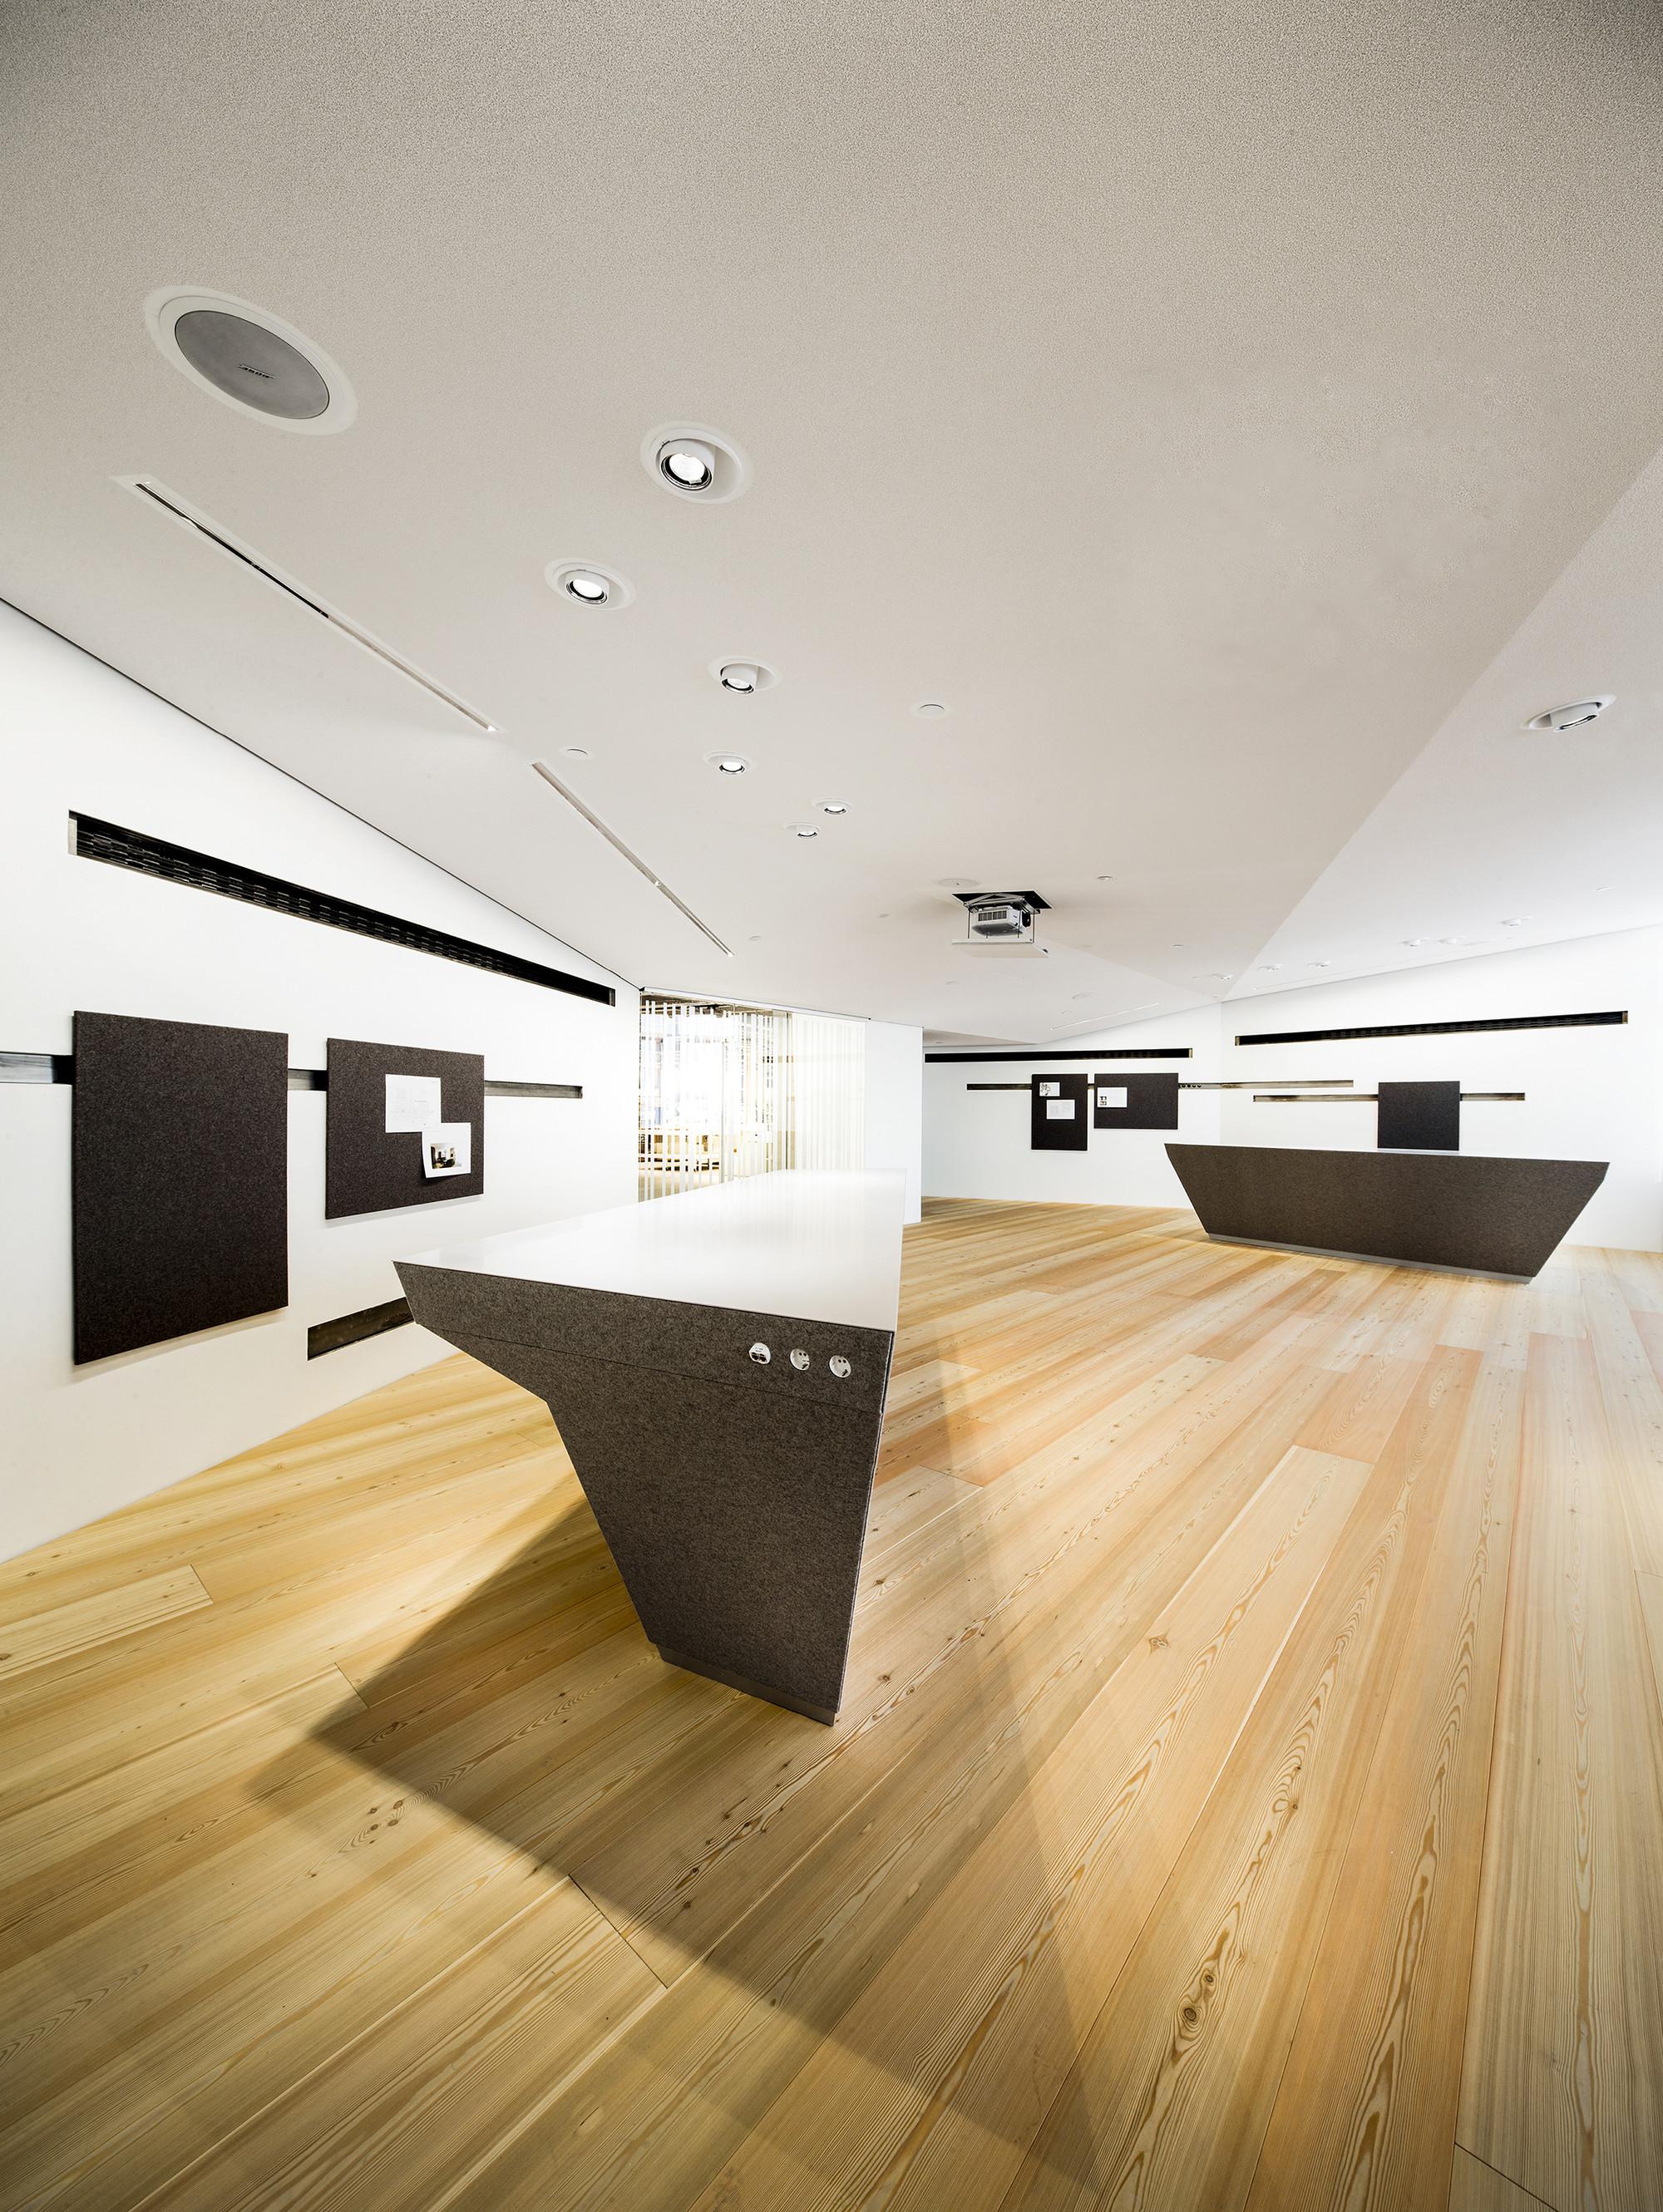 Schöne Räume gallery of kreativlabs schöne räume architektur innenarchitektur 7